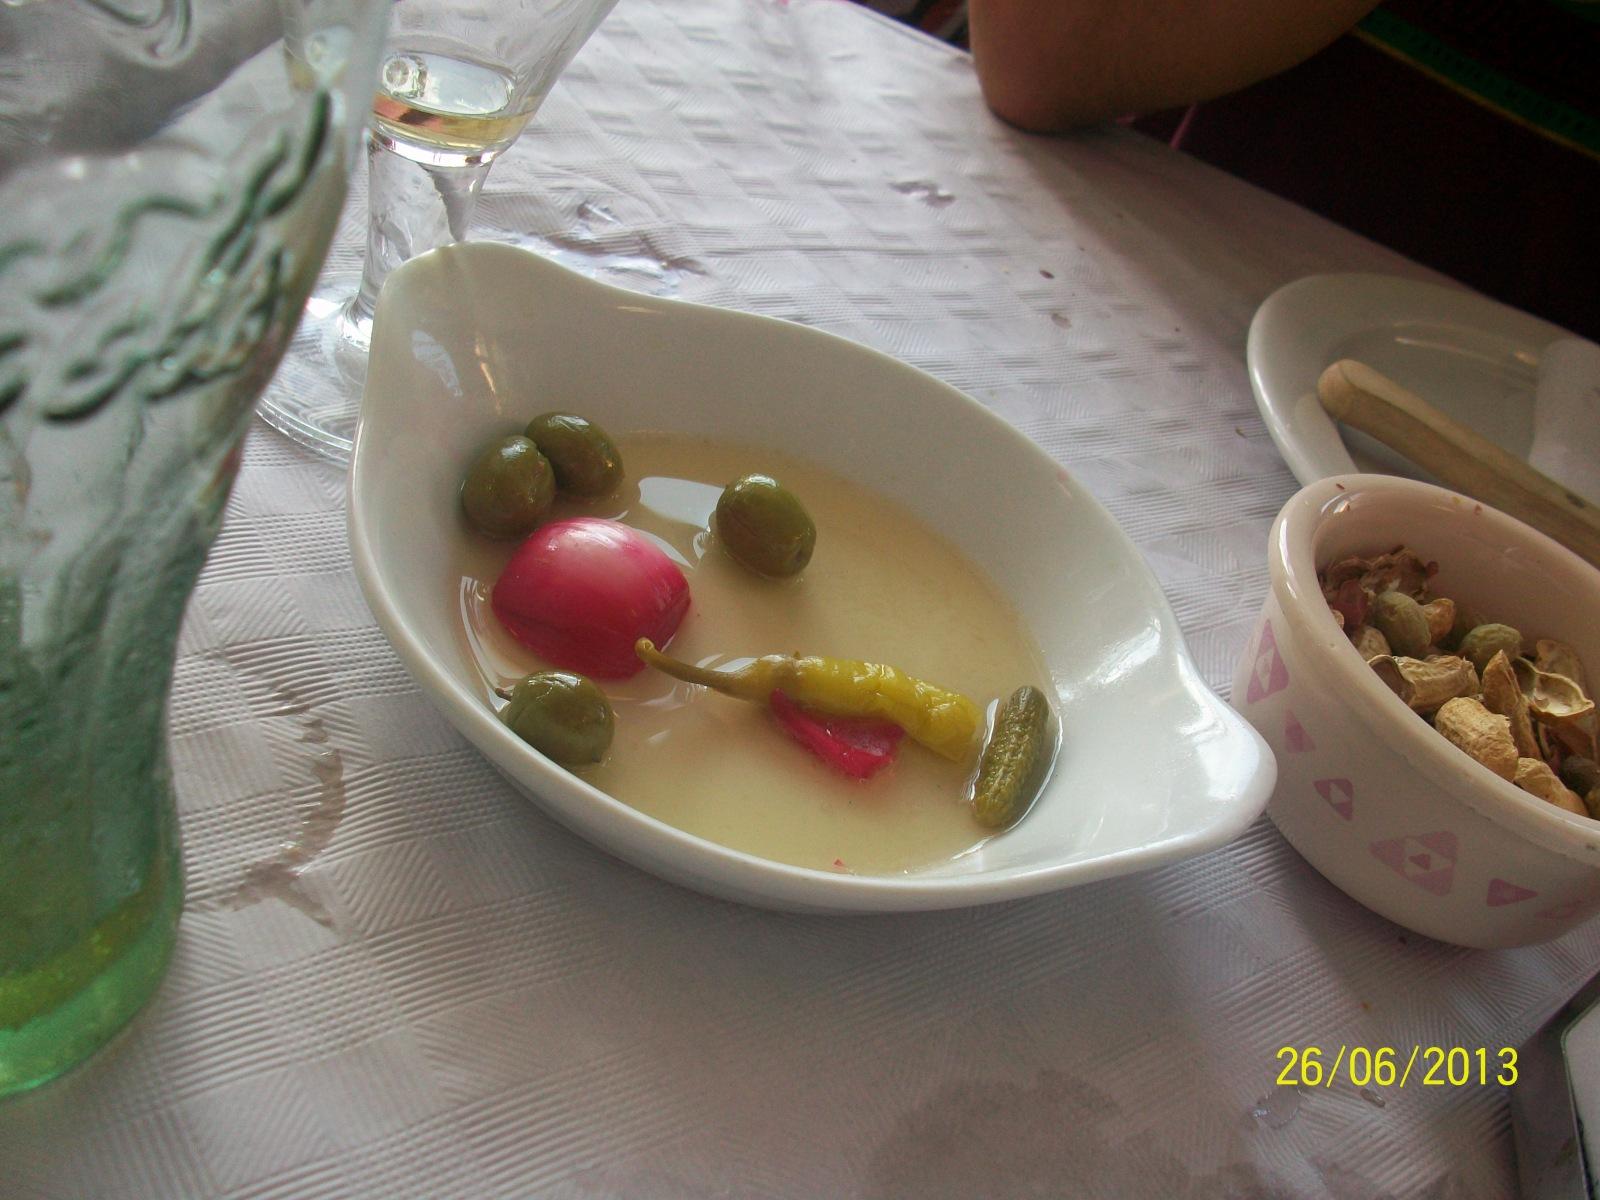 Almuerzos amotiqueros valencianos - Página 3 2lix0k9